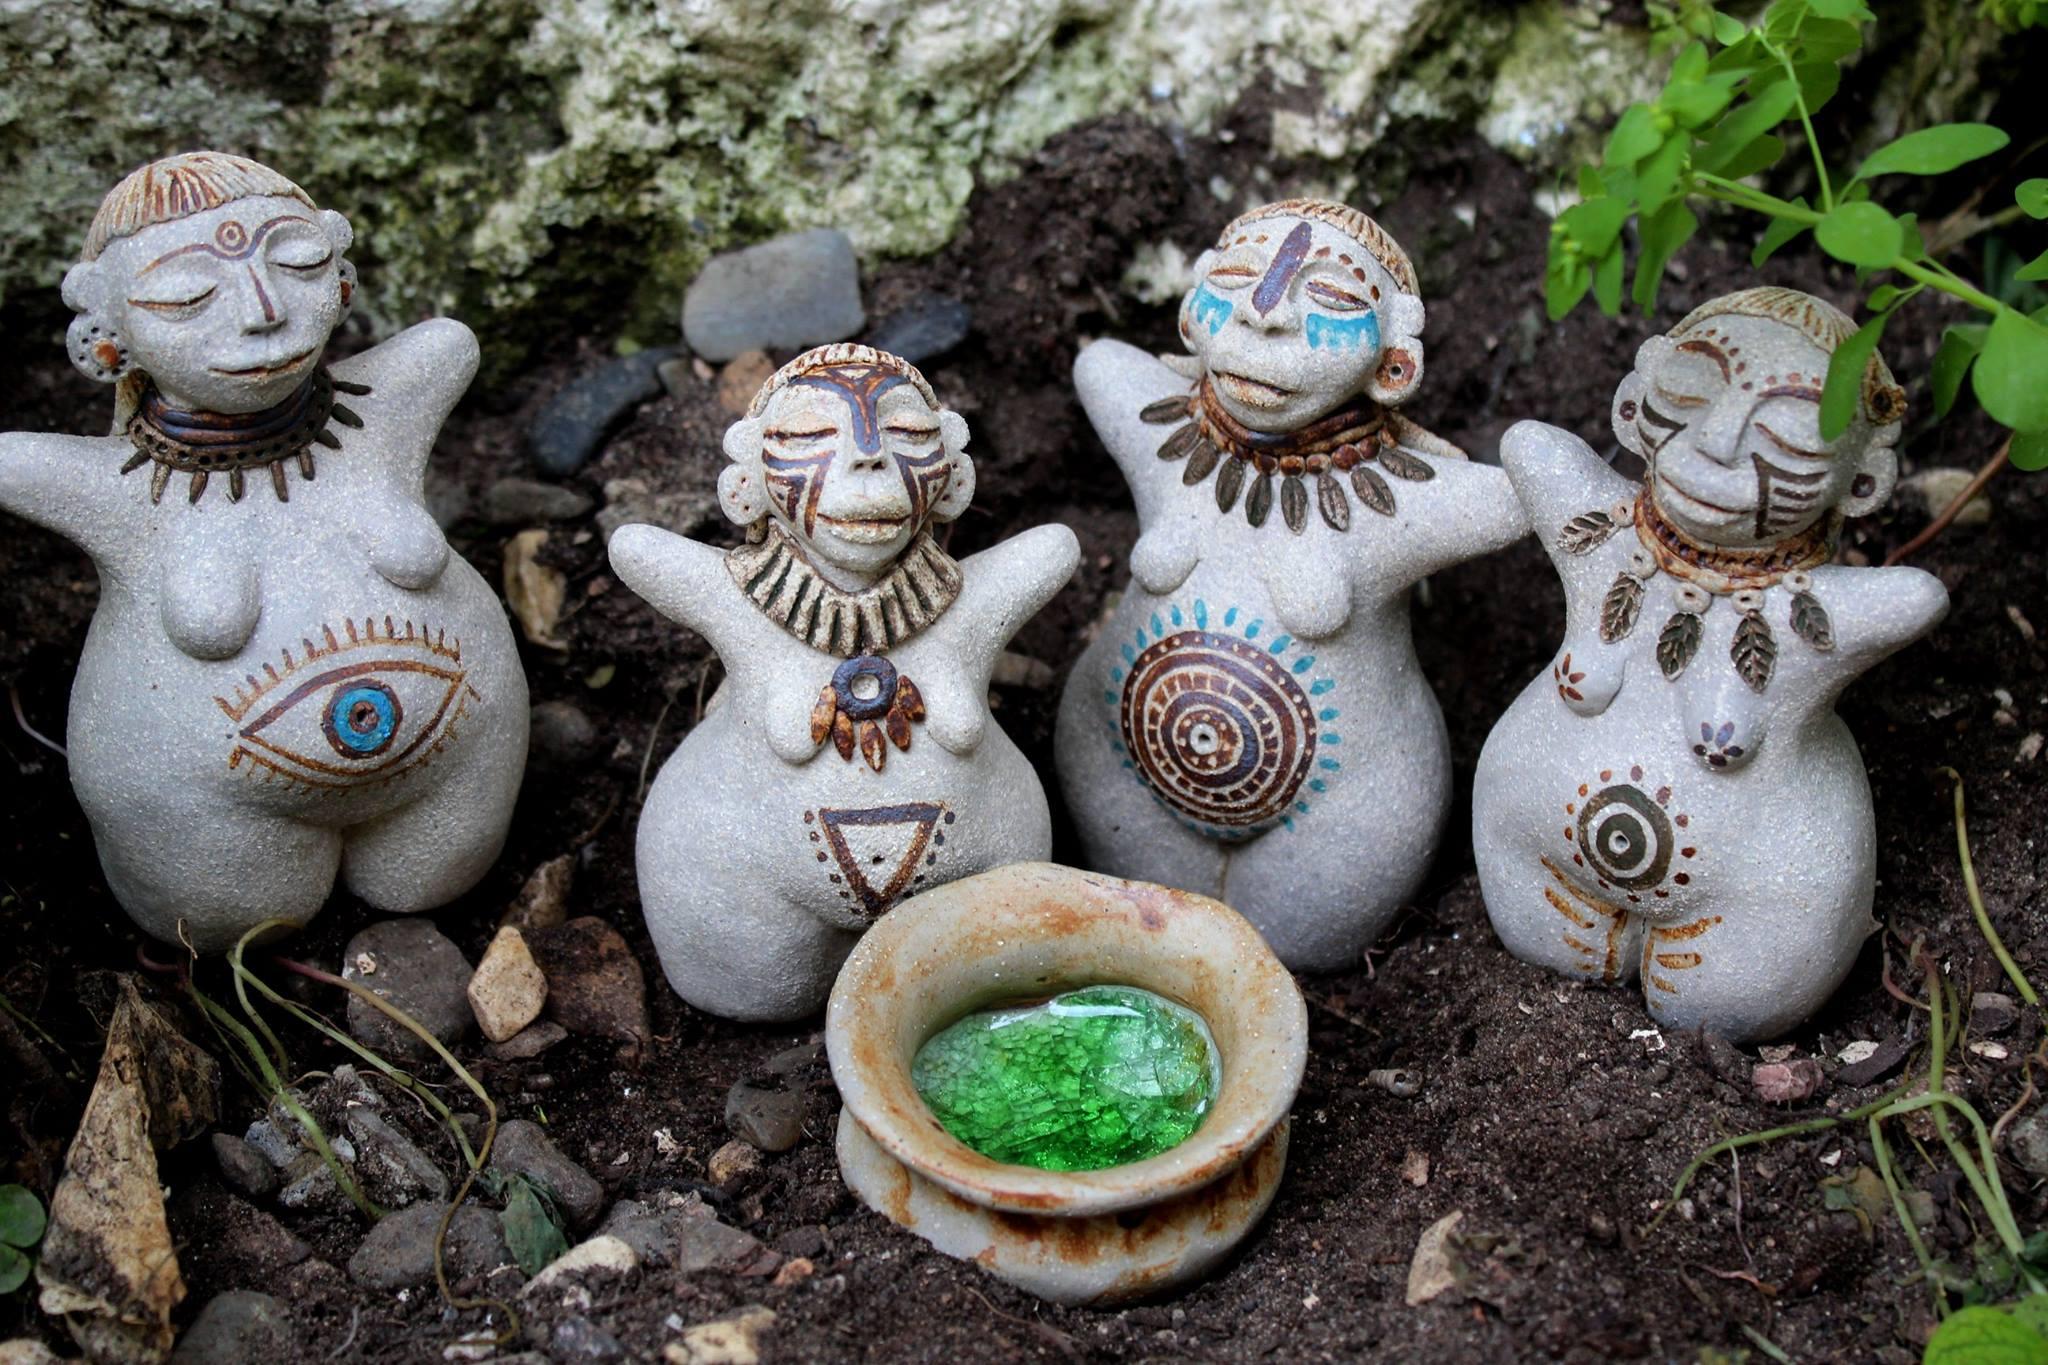 Guerreras figuras decorativas realizadas en cerámica. Tierra Viva en Trate Tienda Taller de Artesanía y Restauración